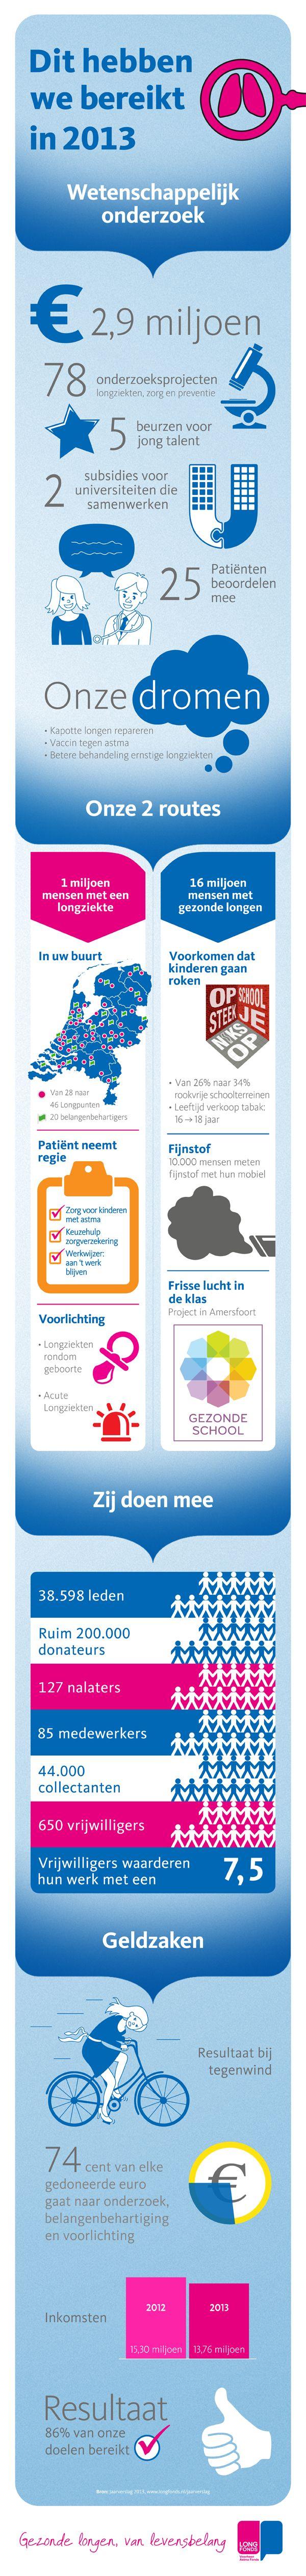 Het Longfonds maakt het verschil voor ruim één miljoen ongeneeslijke longpatiënten in Nederland en voor de gezondheid van ieders longen. In 2013 kon het Longfonds dankzij de steun van zeer velen in totaal ruim 10 miljoen euro besteden aan wetenschappelijk onderzoek, voorlichting en belangenbehartiging. U kunt helpen, door het Longfonds te steunen. Ga naar www.longfonds.nl/over-het-longfonds/resultaten/jaarverslag